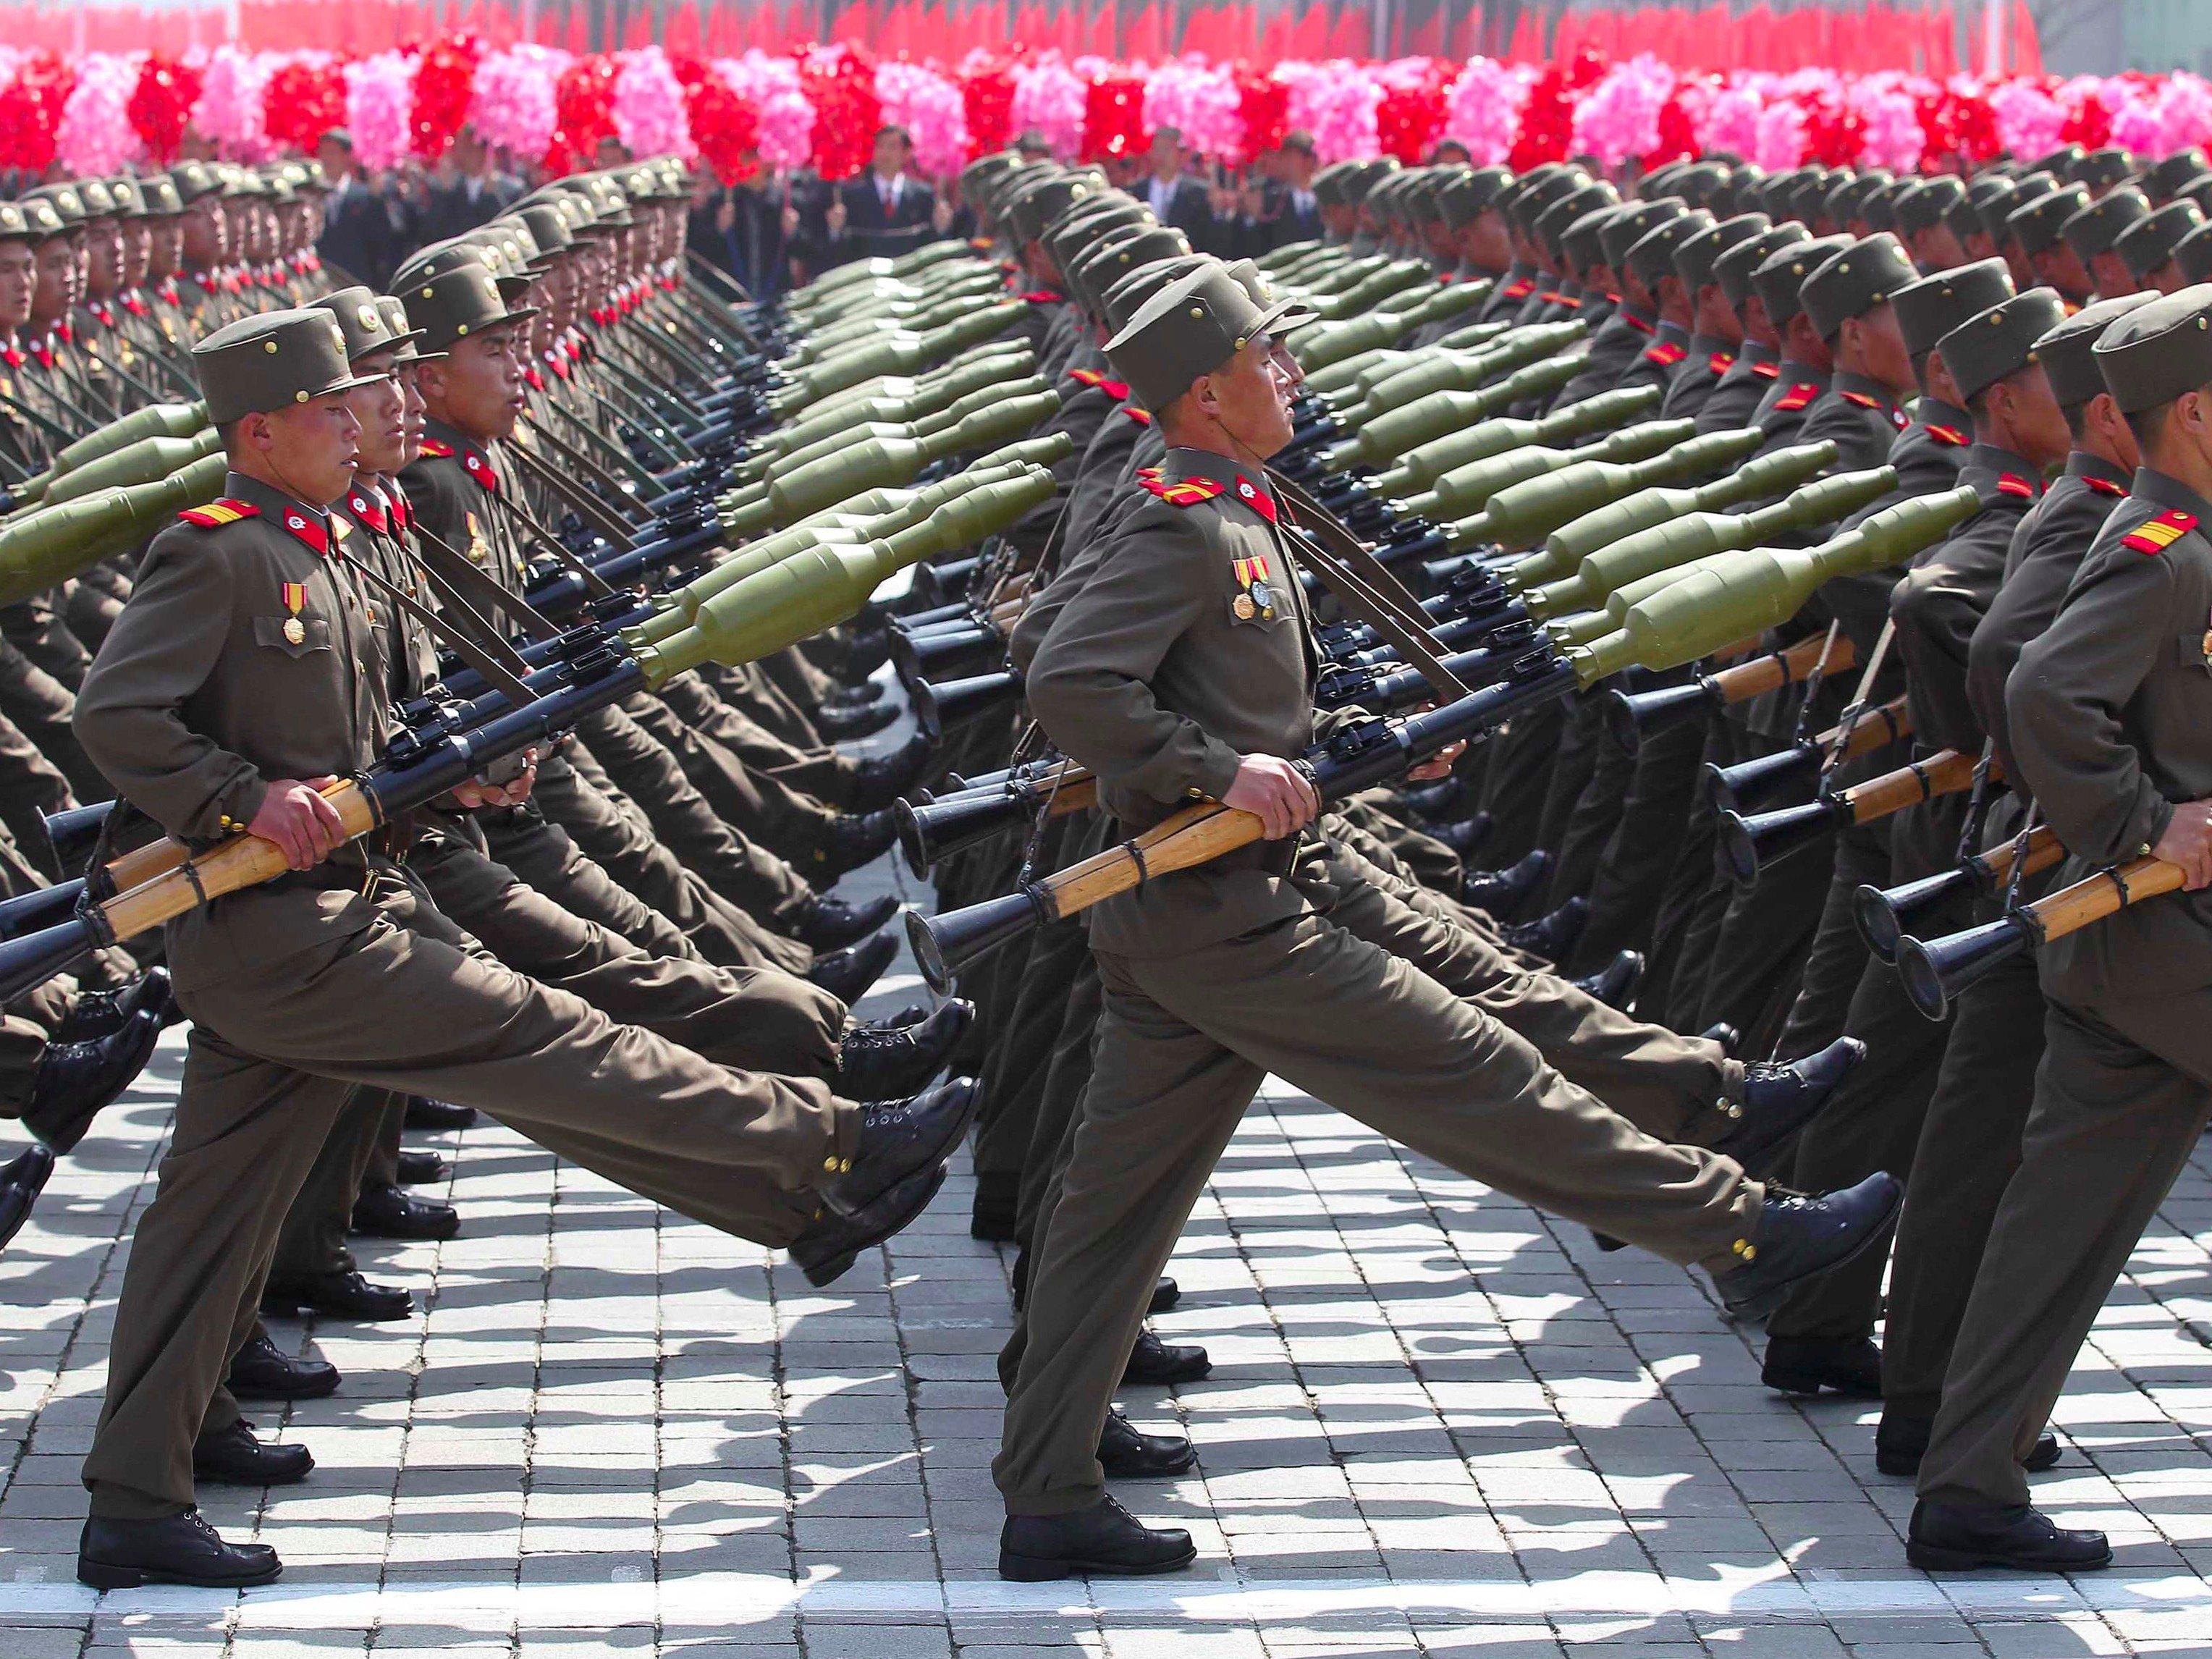 دفاع پر سب سے زیادہ اخراجات کرنے والے ممالک